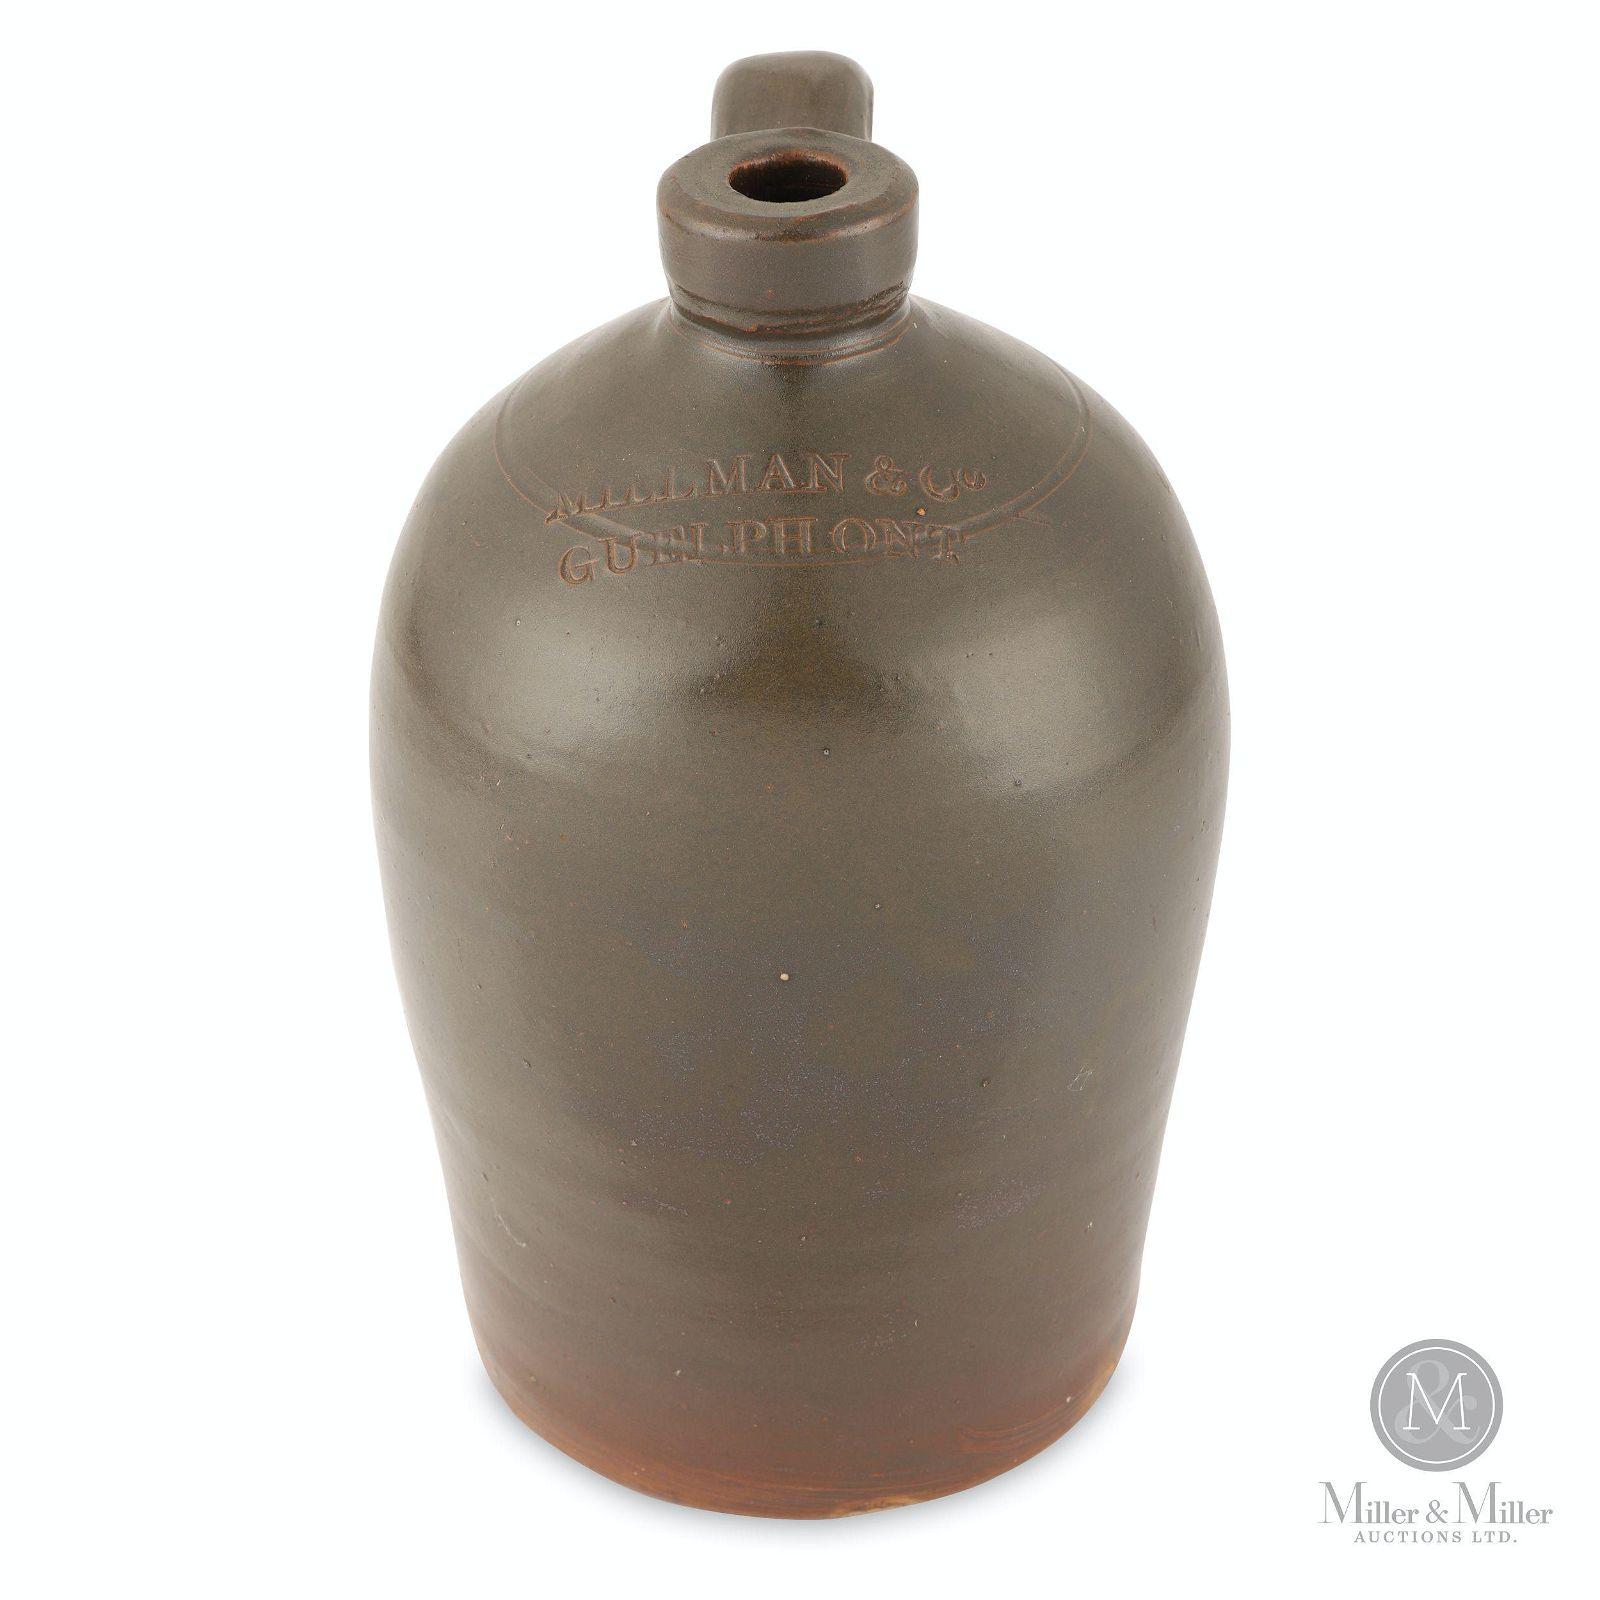 Millman & Co., Guelph 1/2 Gallon Jug